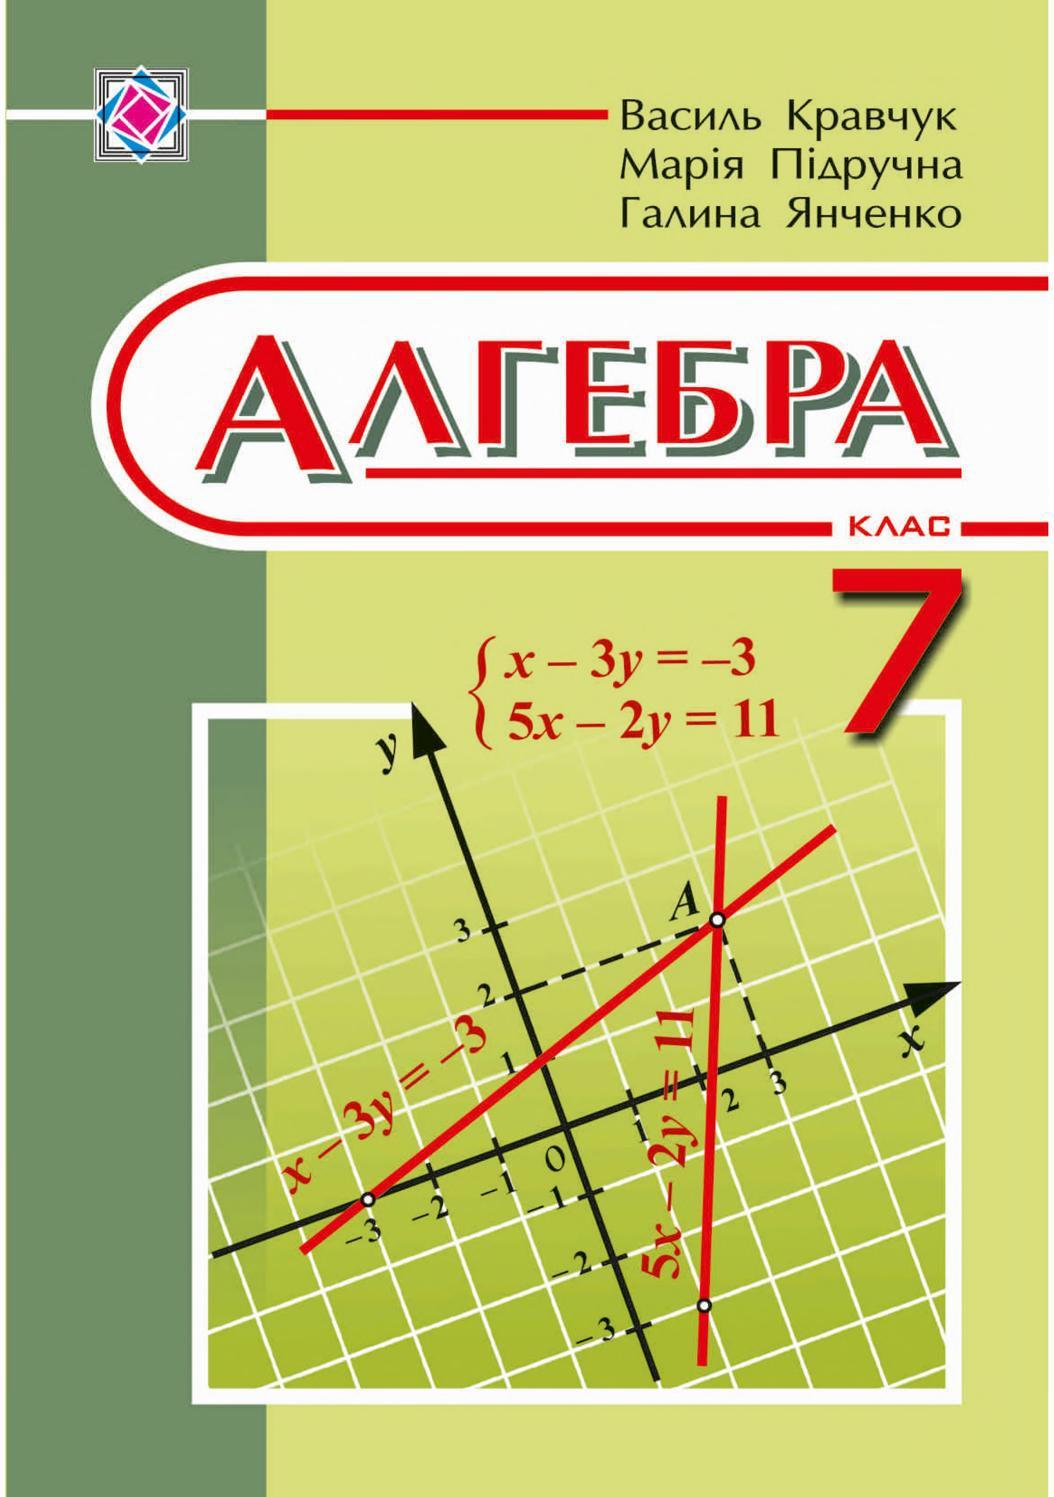 Алгебра 7 клас Кравчук 2015